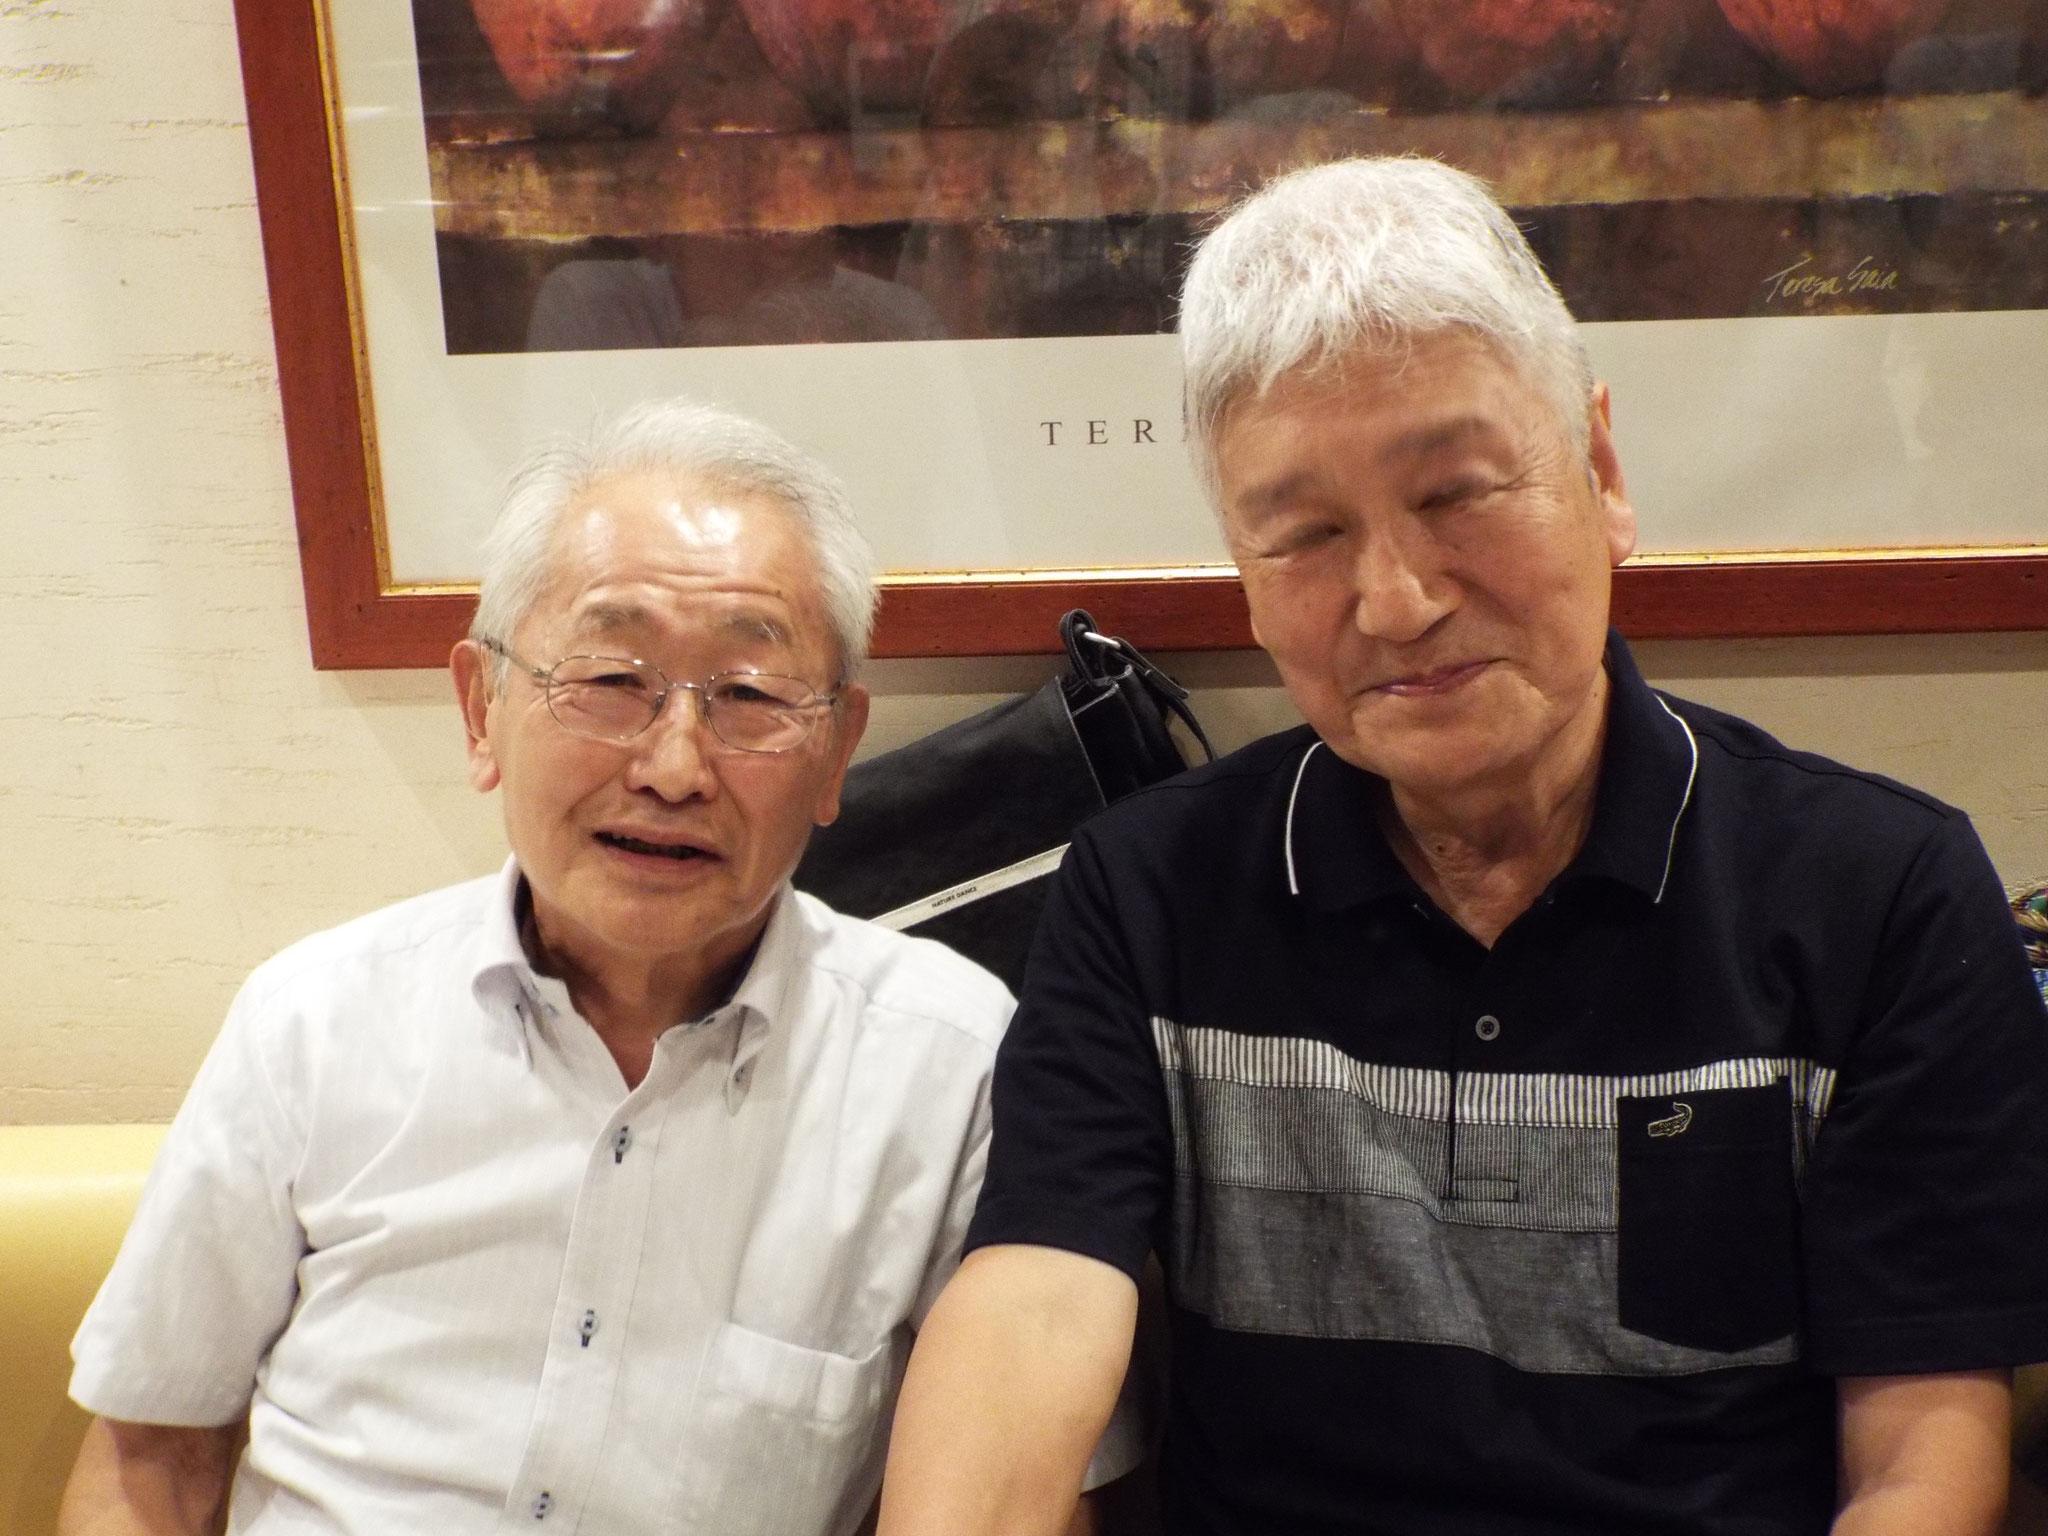 和田さんと今日のプロデュウサー今井さんお疲れさま